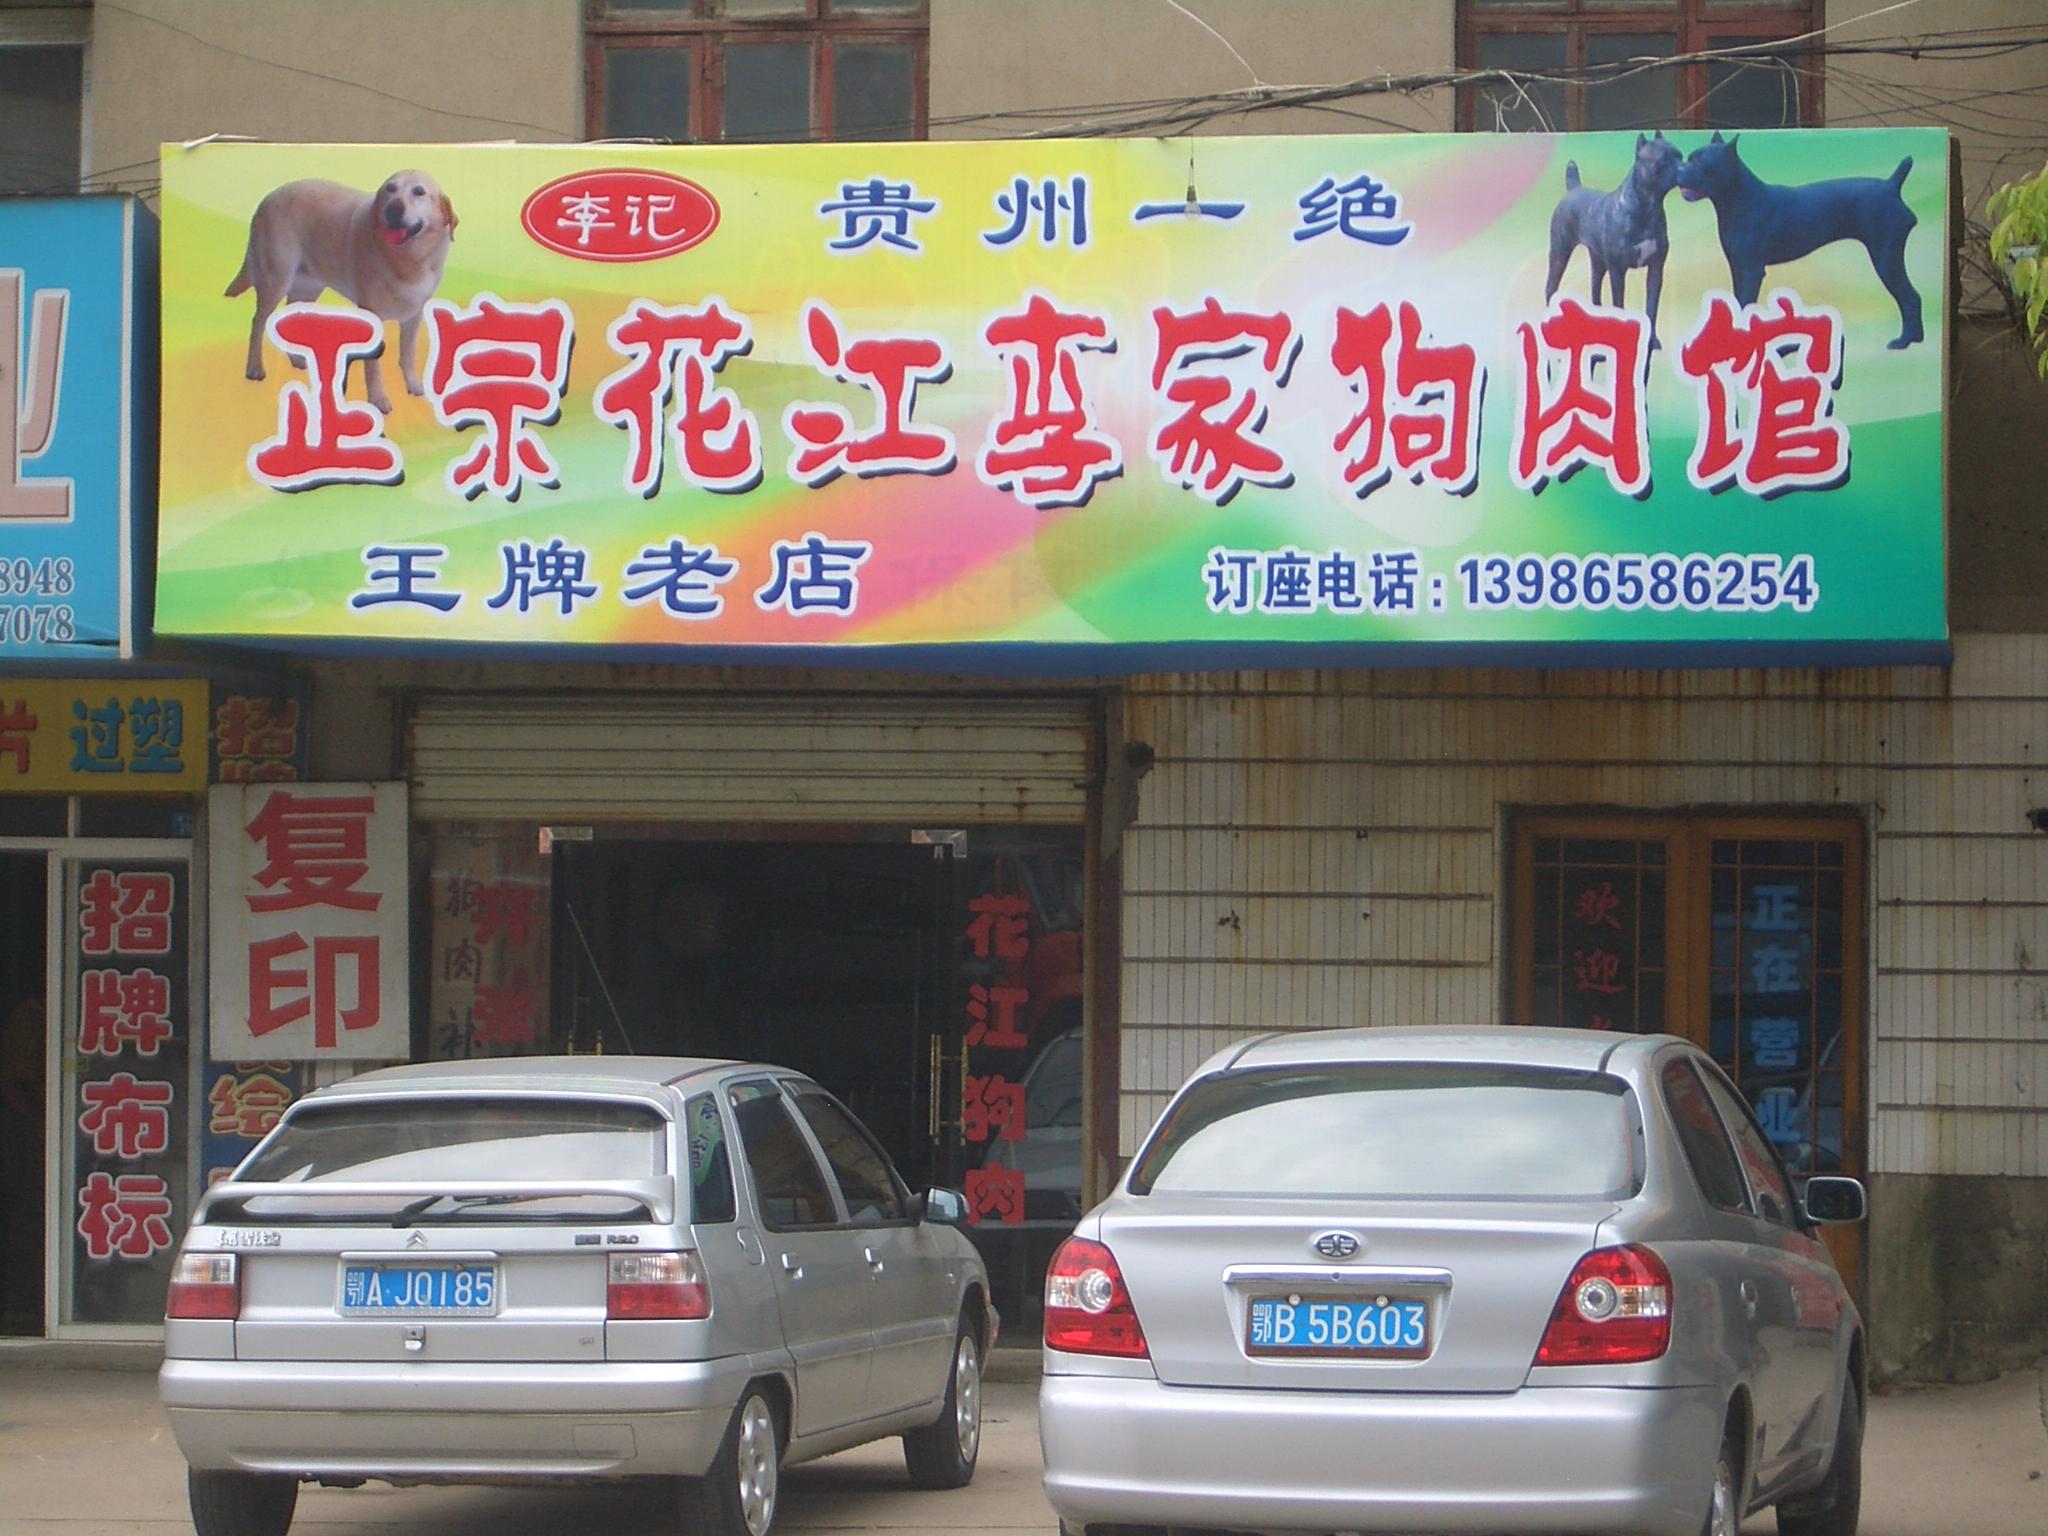 Zhengzong-Huajiang-Li-jia-gourou-dian-0094.jpg